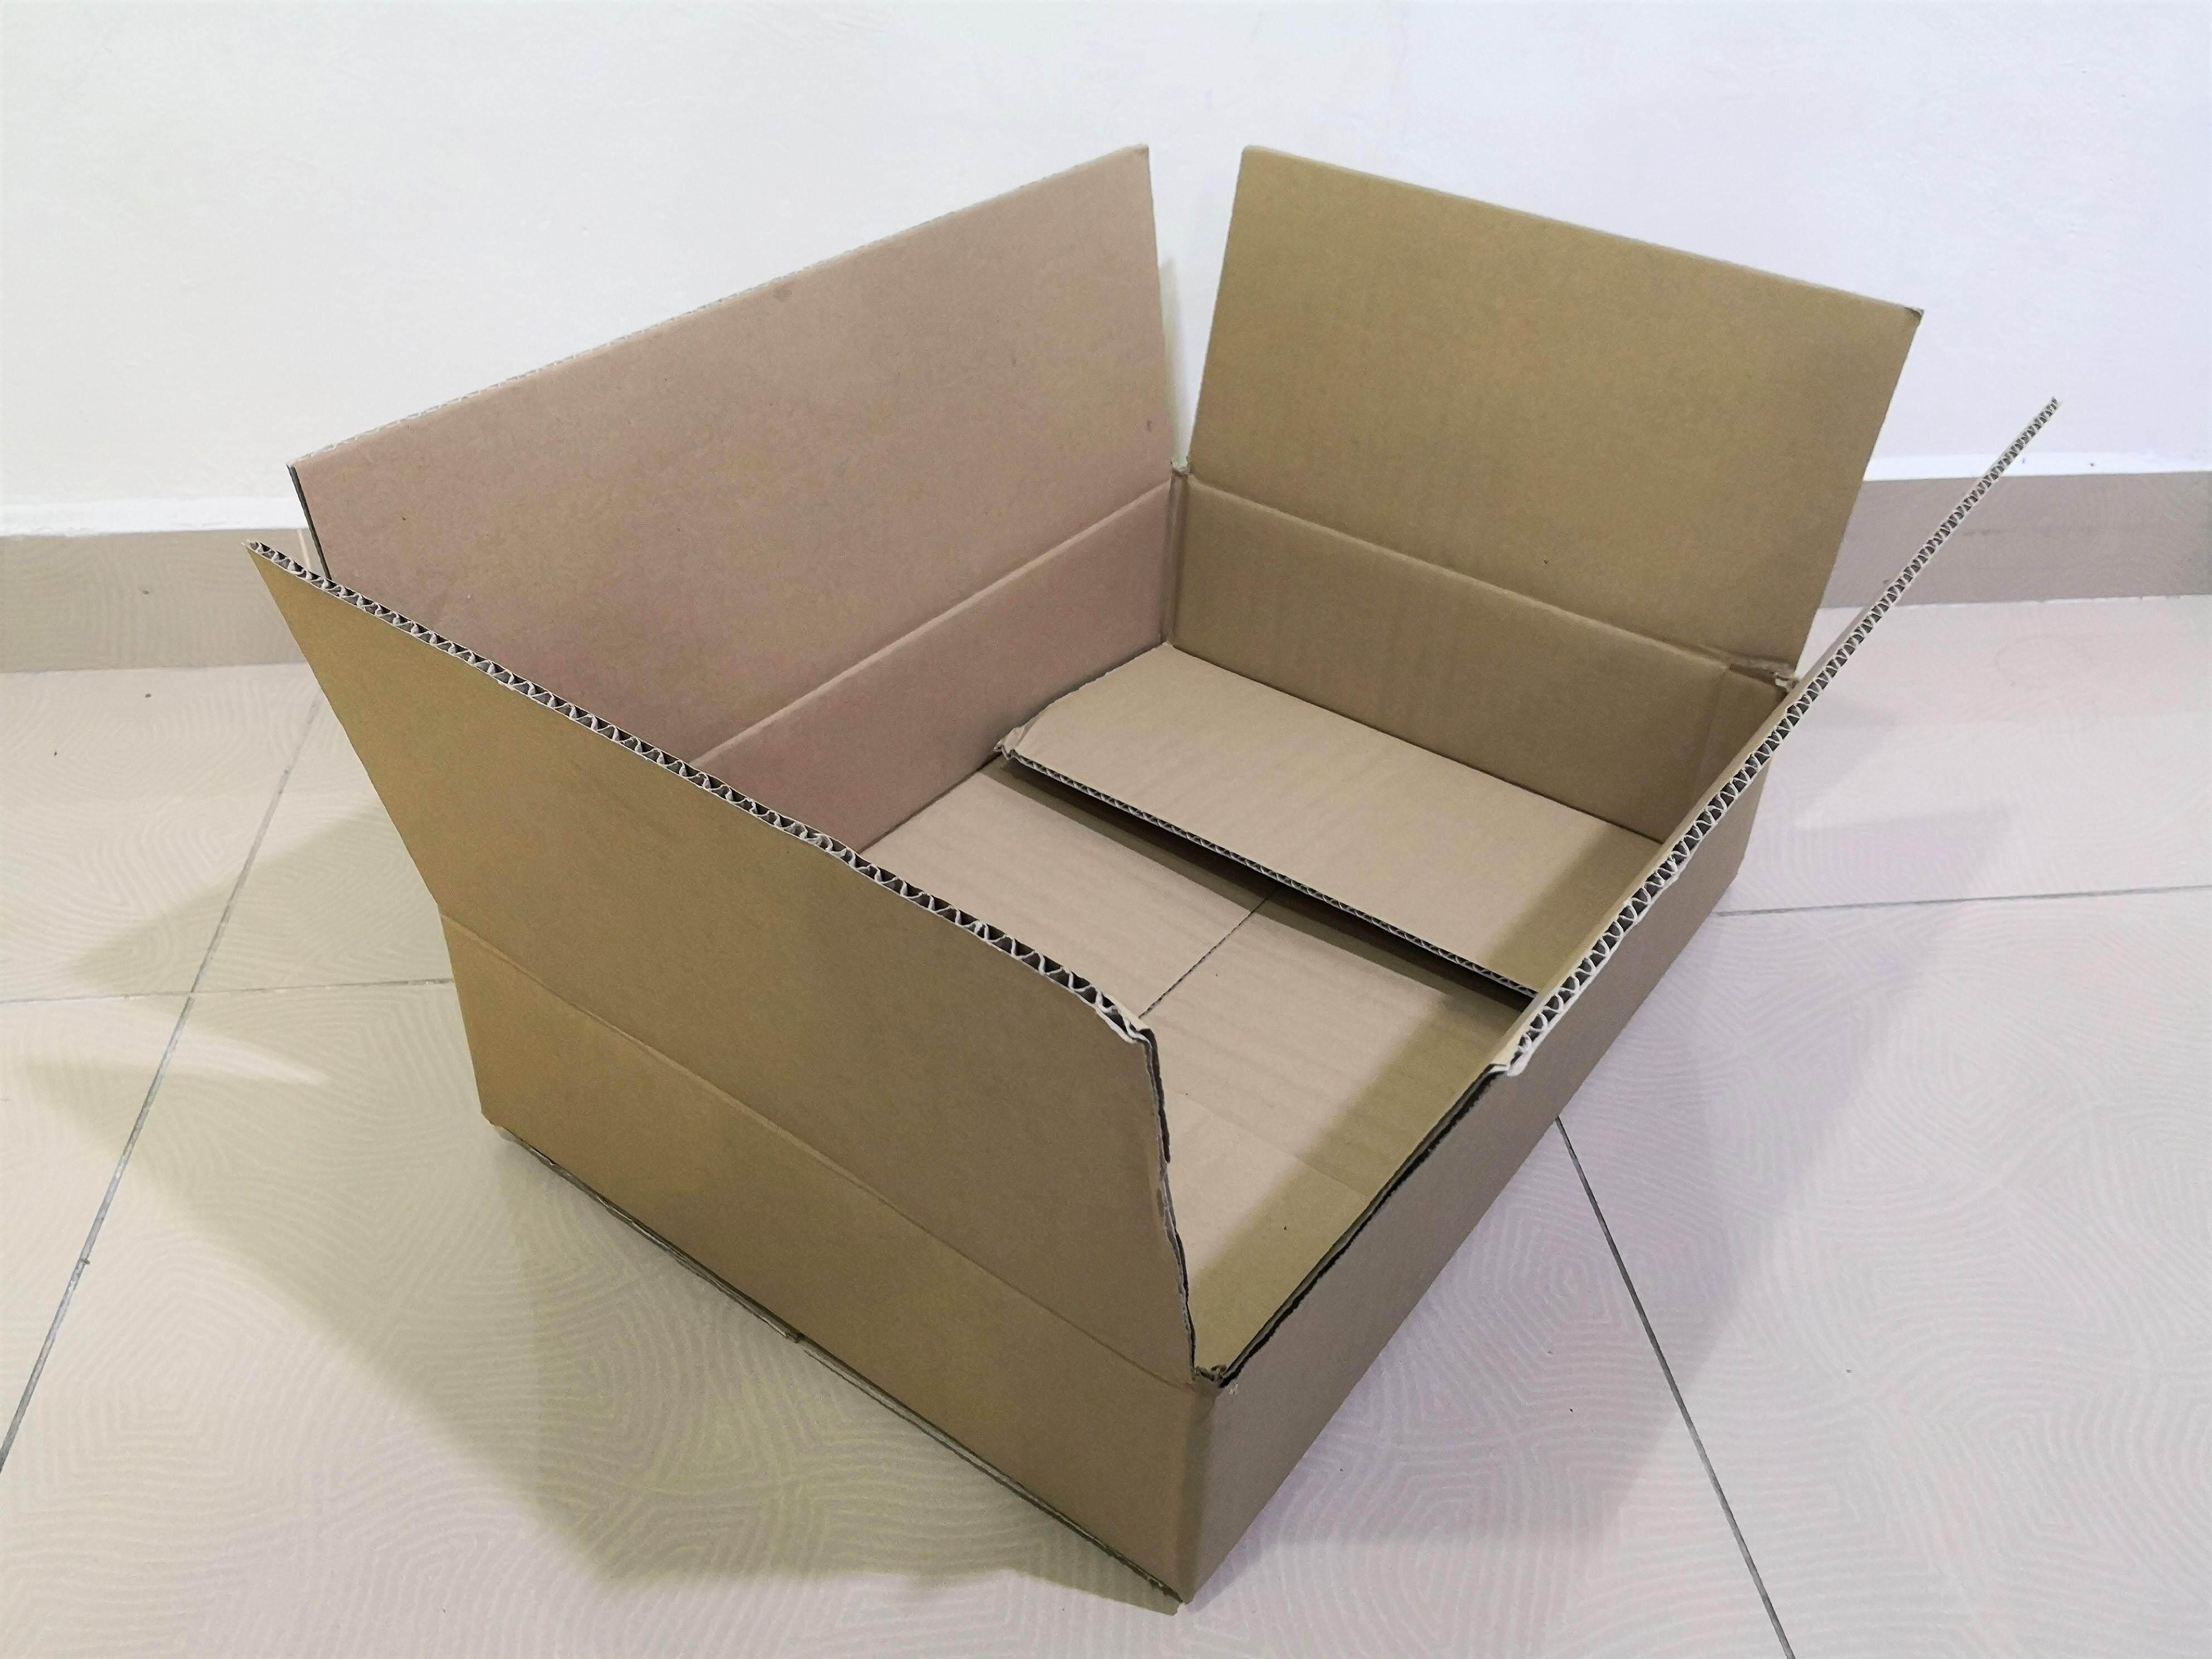 10pcs Plain Carton Boxes (L500 X W352 X H108mm)